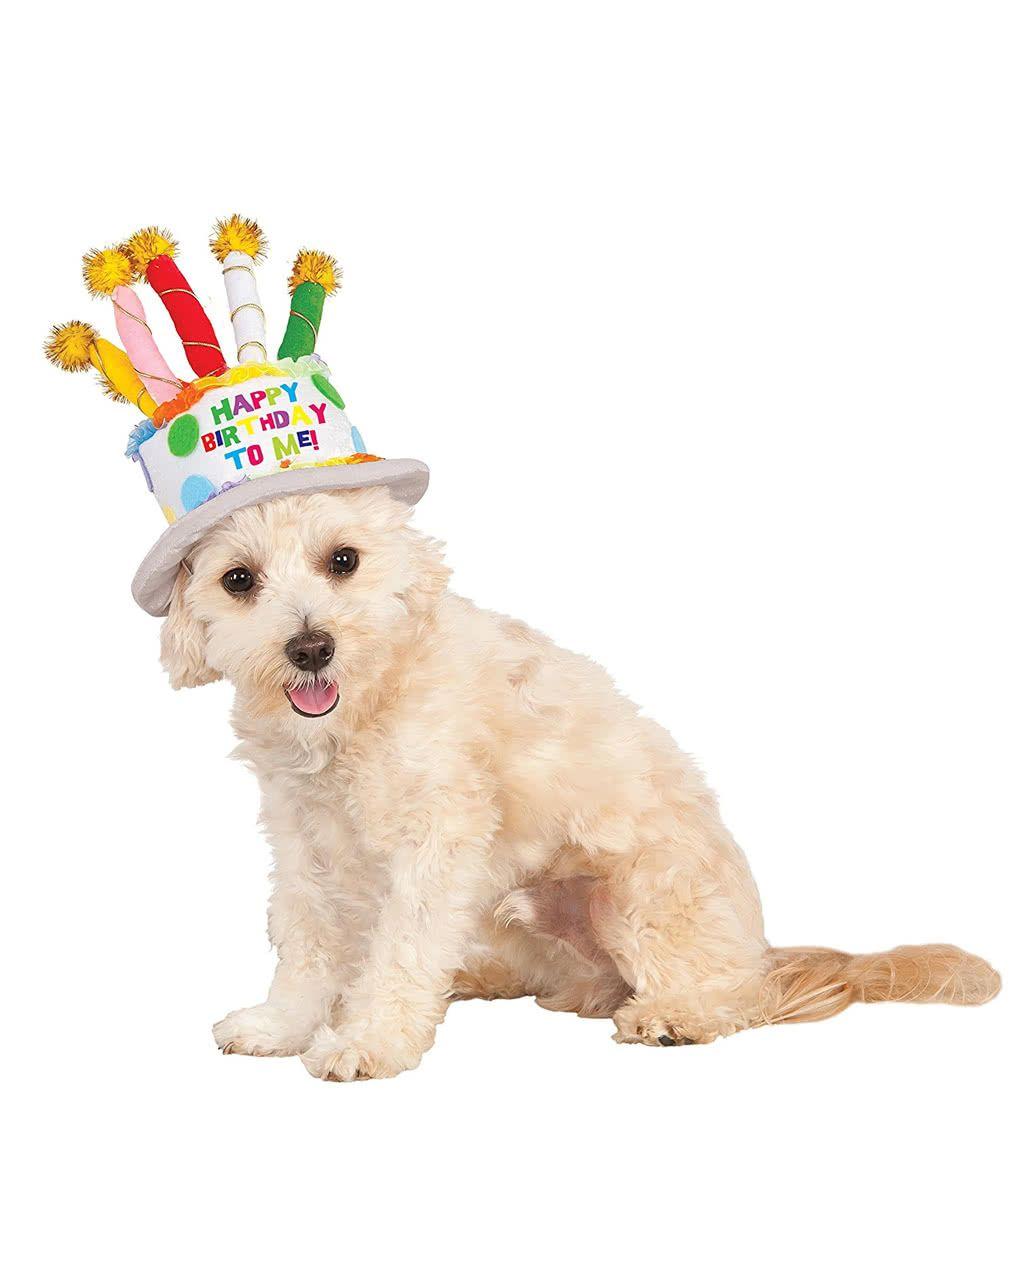 Geburtstagskuchen Hut für Hunde #happyhalloweenschriftzug